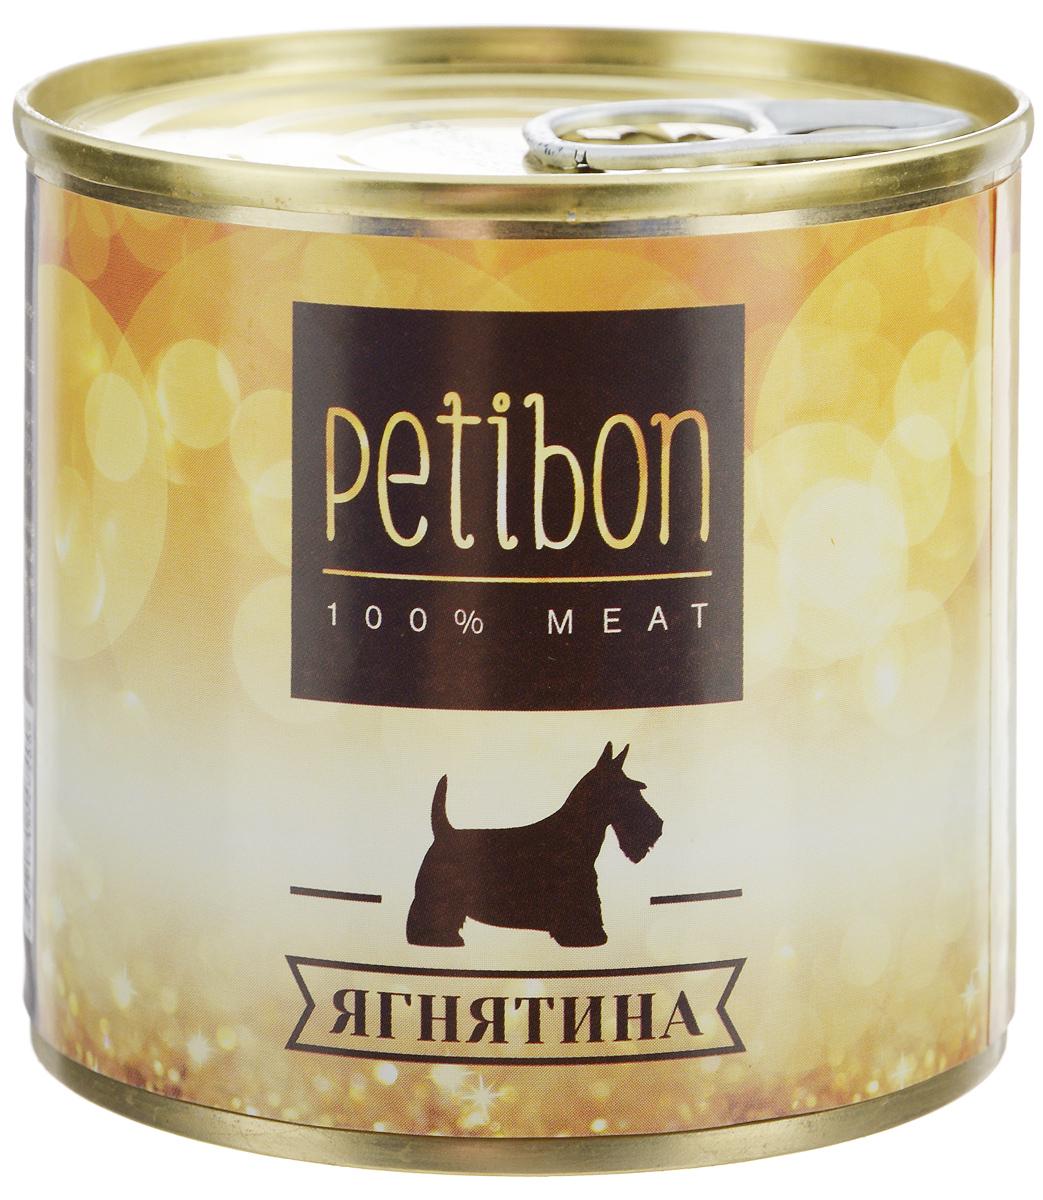 Консервы для собак Petibon, с ягненком, 240 г0120710Petibon - влажный мясной корм для собак. Использование монобелкового комплексного сырья значительно расширяет аминокислотный состав продукта. Использование корма рекомендовано для собак, нуждающихся в диете или определённом виде мяса.Товар сертифицирован.